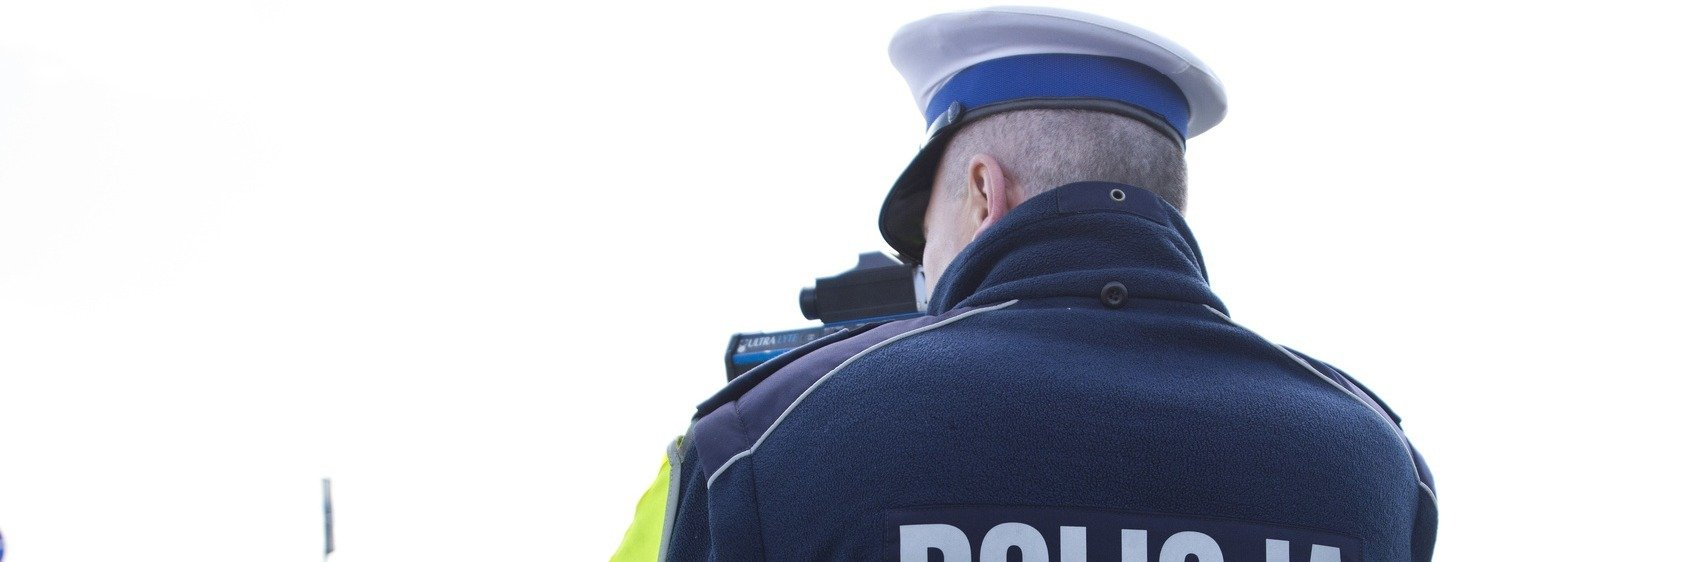 Kontrole drogowe a wypadki. Czy policja zawsze stoi tam, gdzie powinna?